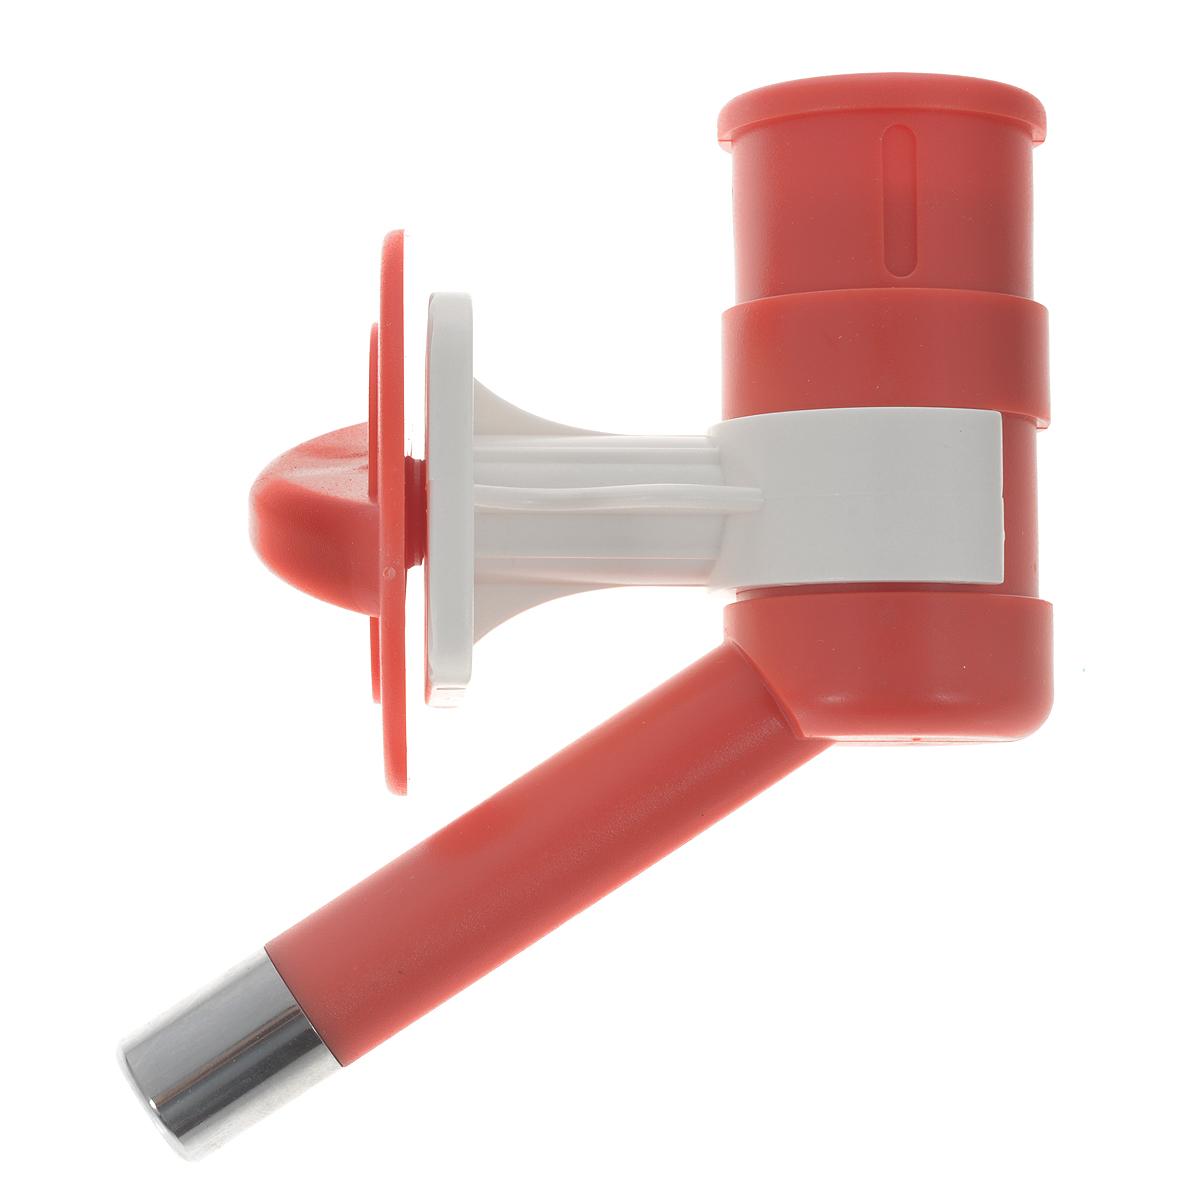 Автопоилка для животных, универсальная, цвет: красный378Автопоилка универсальная с шариковым механизмом, изготовленная из ABS пластика и нержавеющей стали, позволяет получать оптимальные порции жидкости в экономном режиме. Подходит для мелких животных. Автопоилка крепится на клетку. Подходит под любые ПЭТ бутылки.